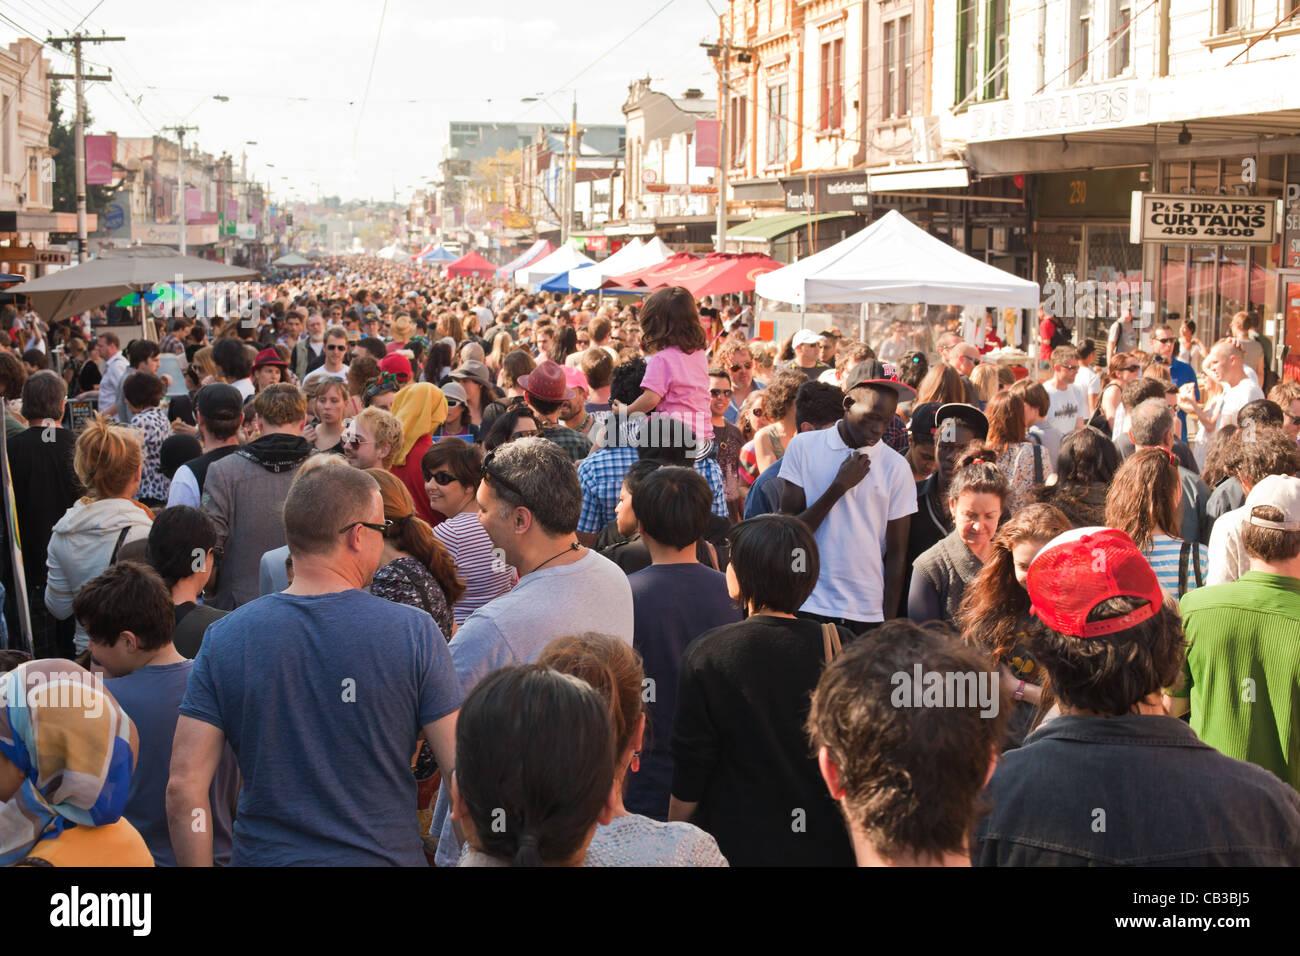 High Noon community festival est un festival de musique local Northcote à Melbourne, Australie, rue bondée Banque D'Images